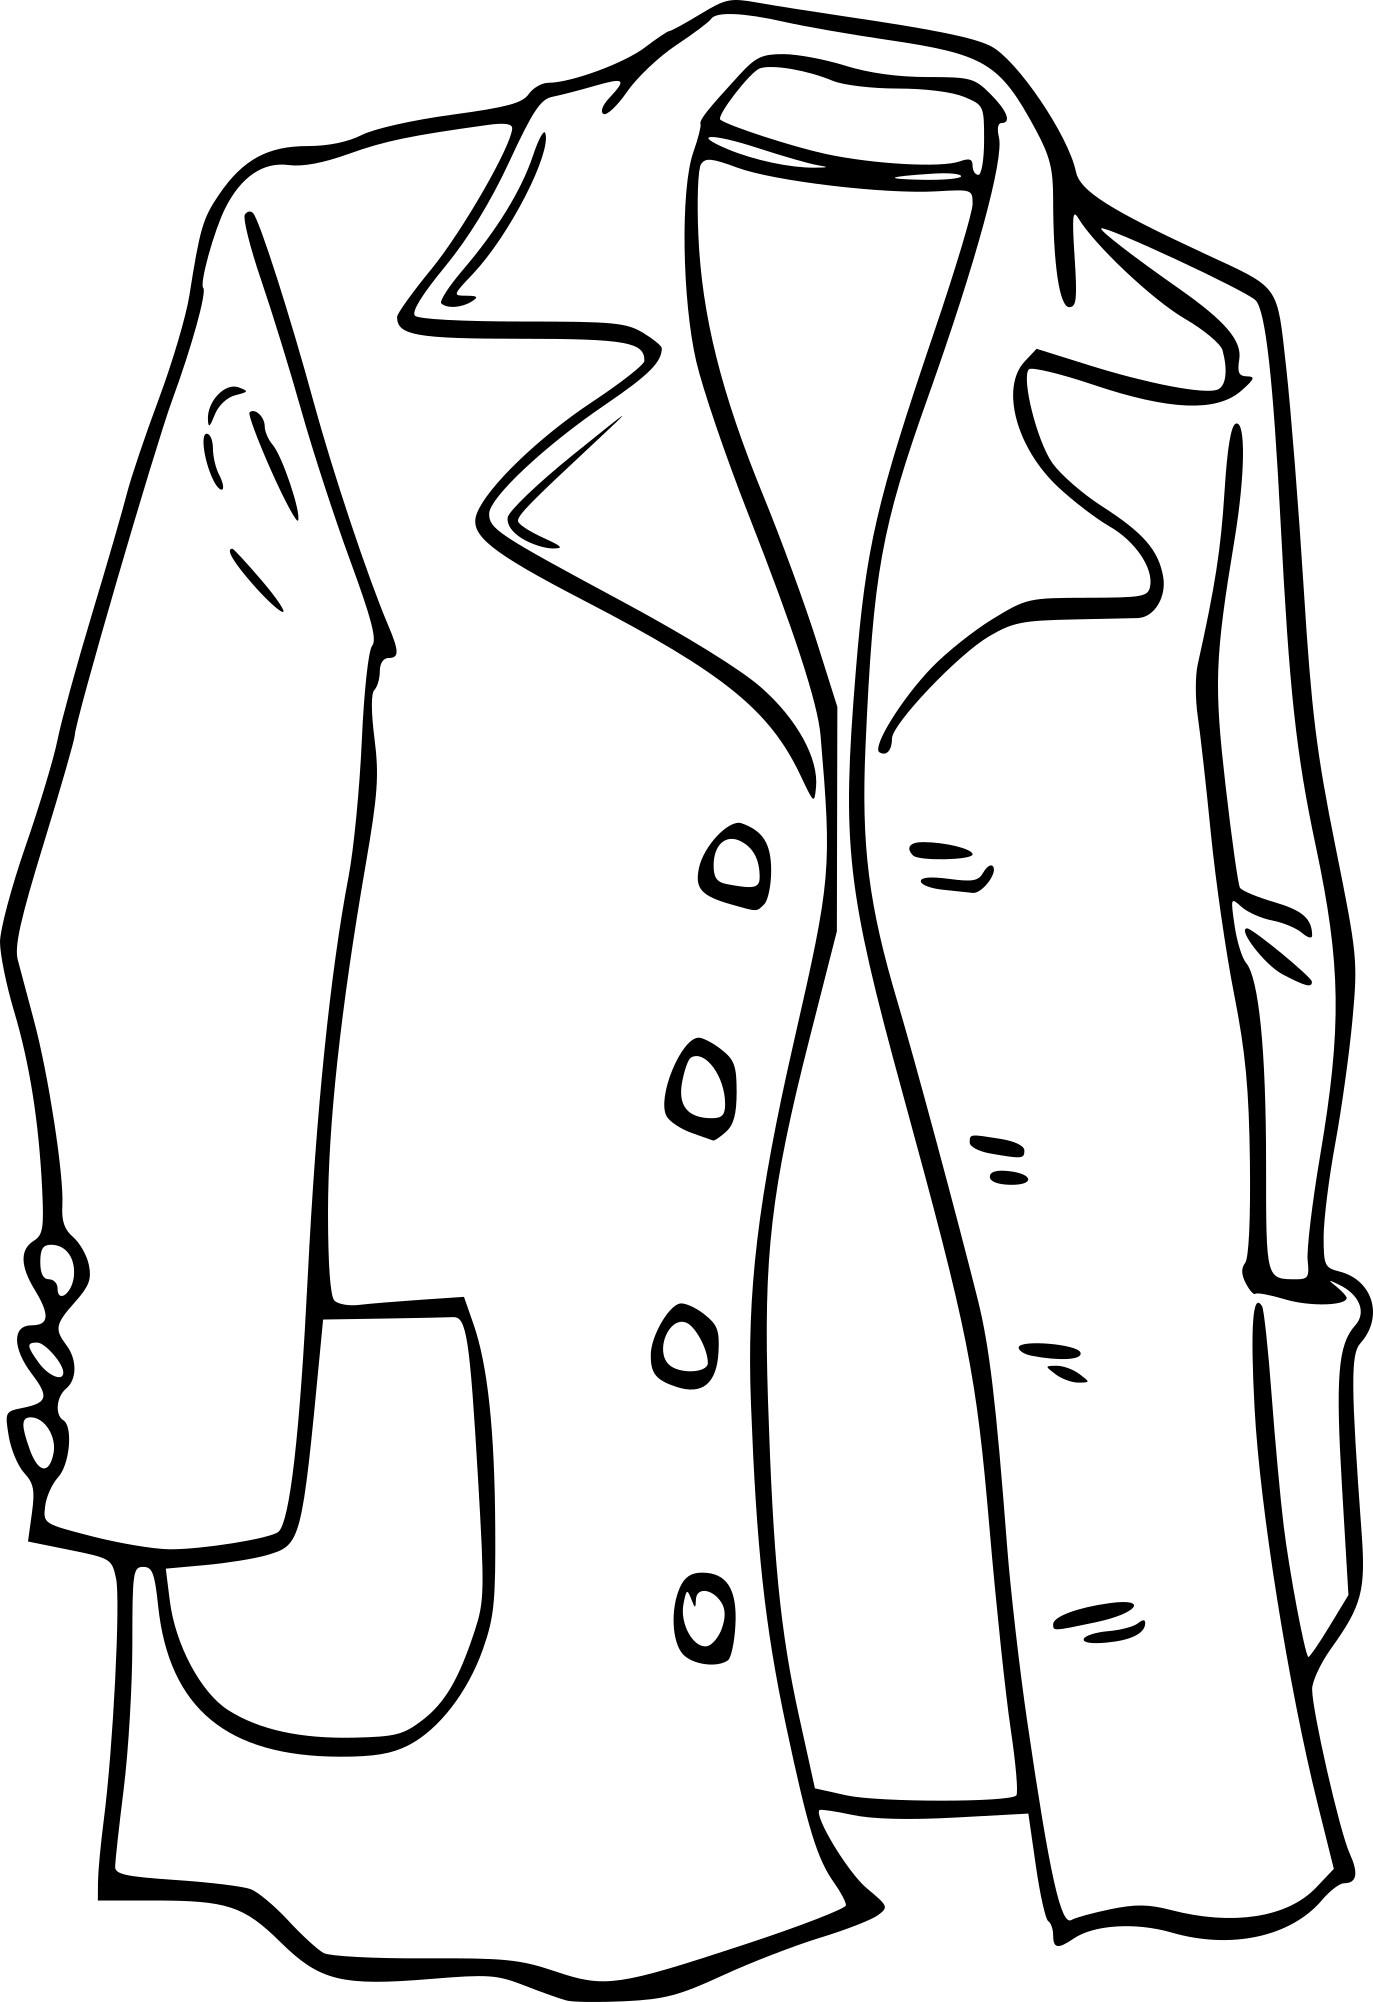 Coloriage manteau imprimer - Manteau dessin ...